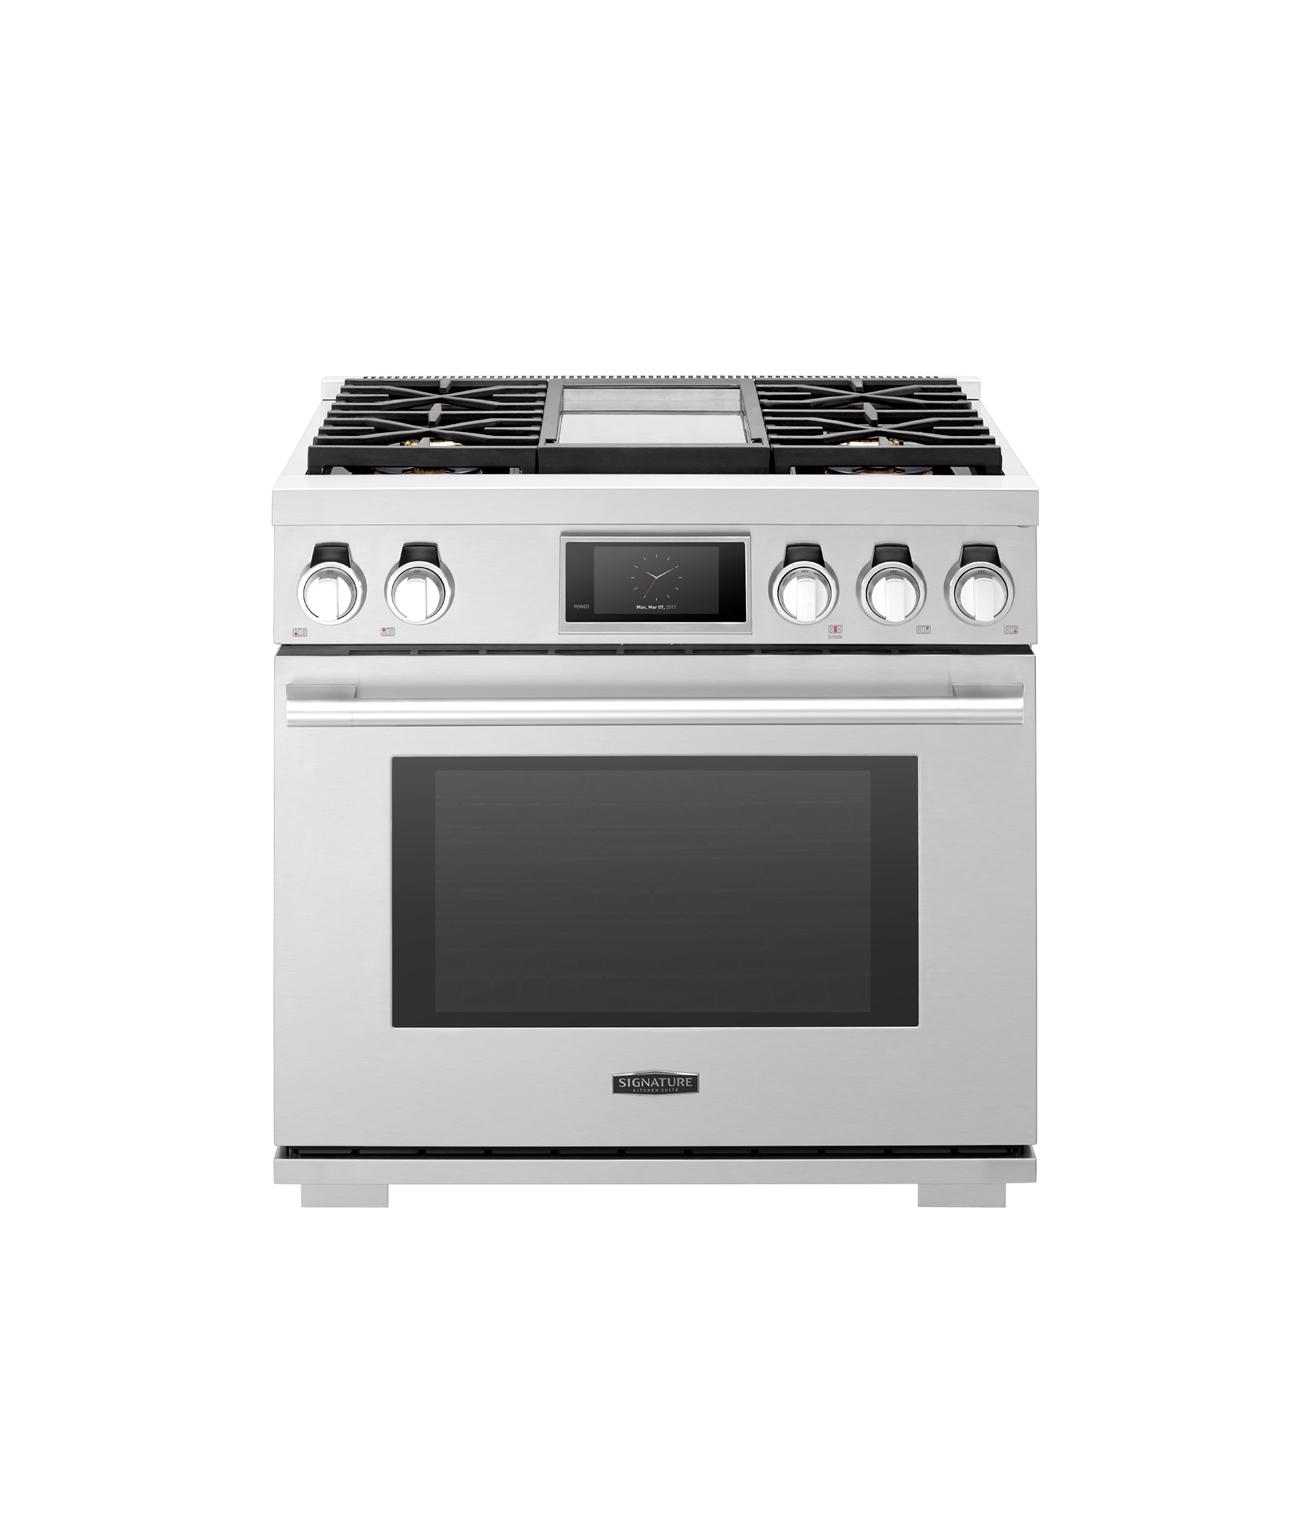 Cuisinière professionnelle au gaz de 91cm dotée de 4brûleurs et d'une plaque de cuisson